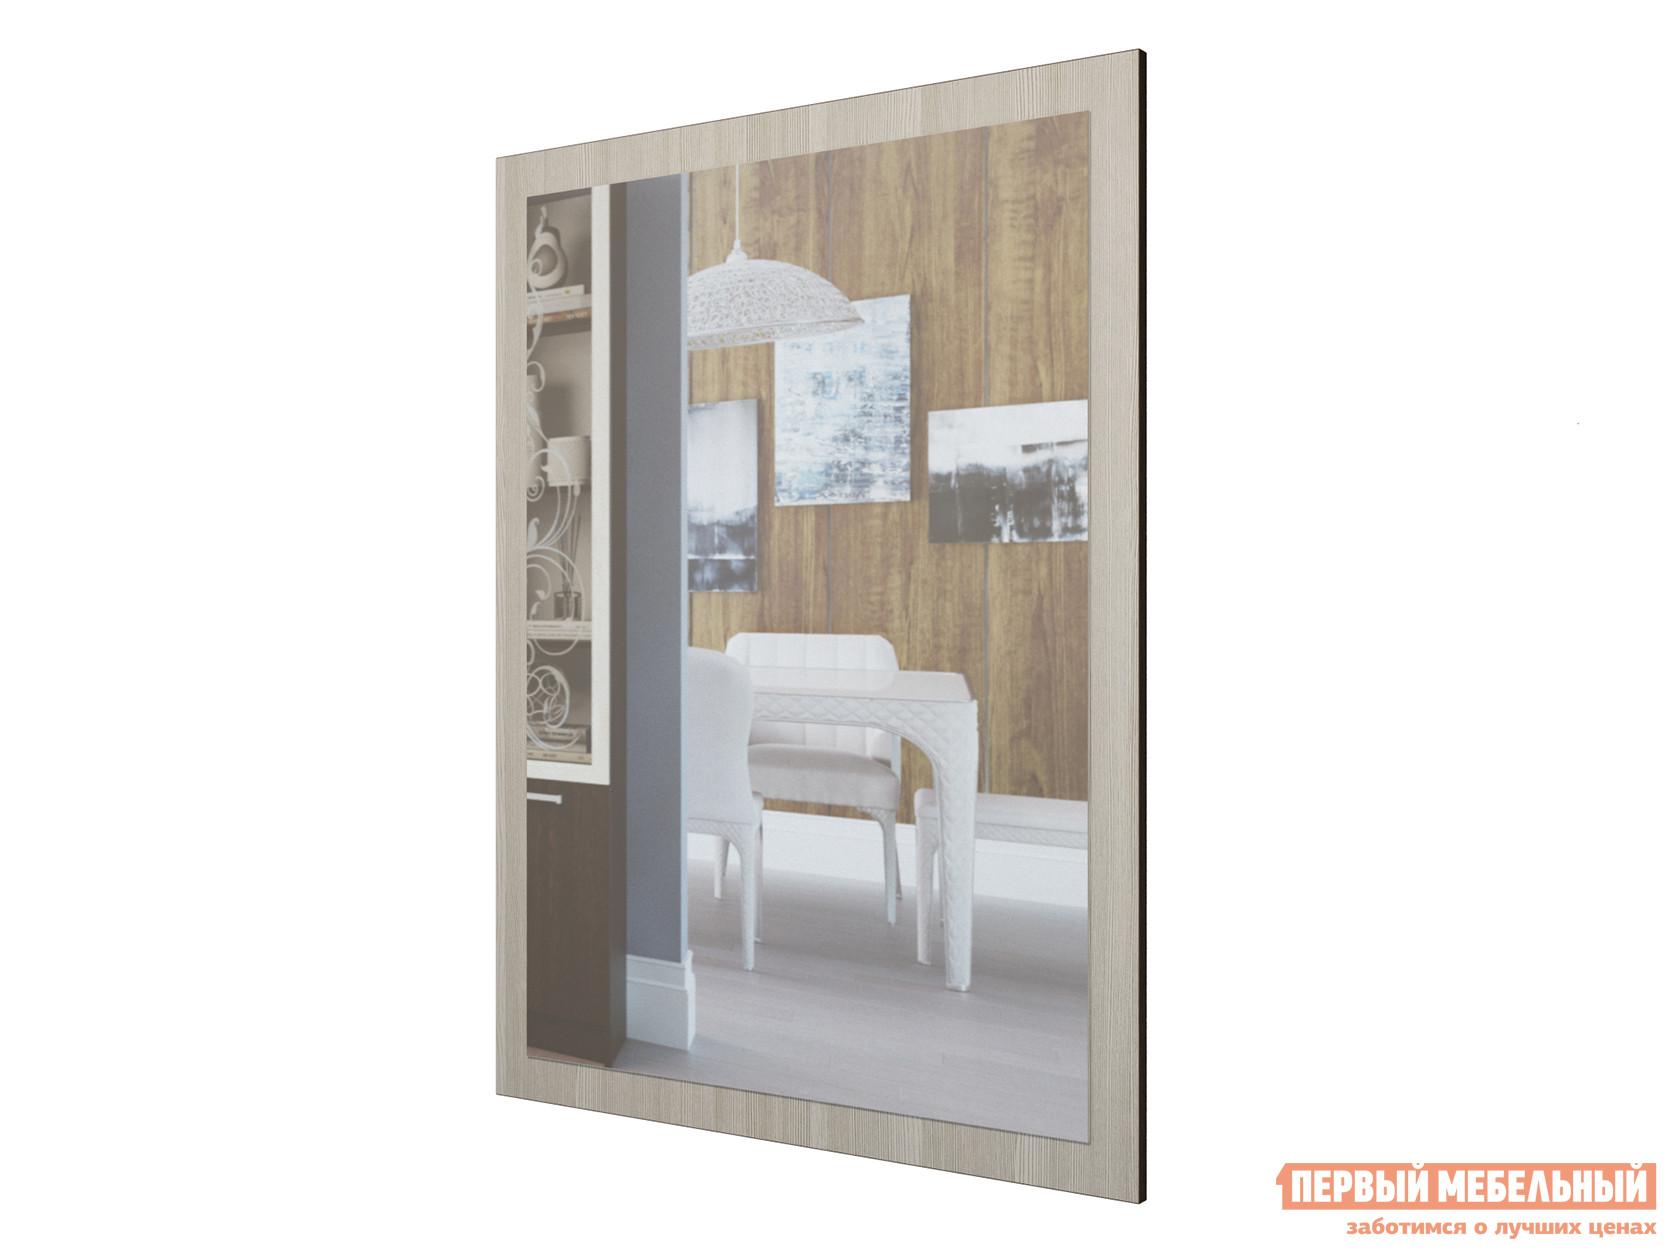 Настенное зеркало Первый Мебельный Чарли настенное зеркало первый мебельный зеркало диана